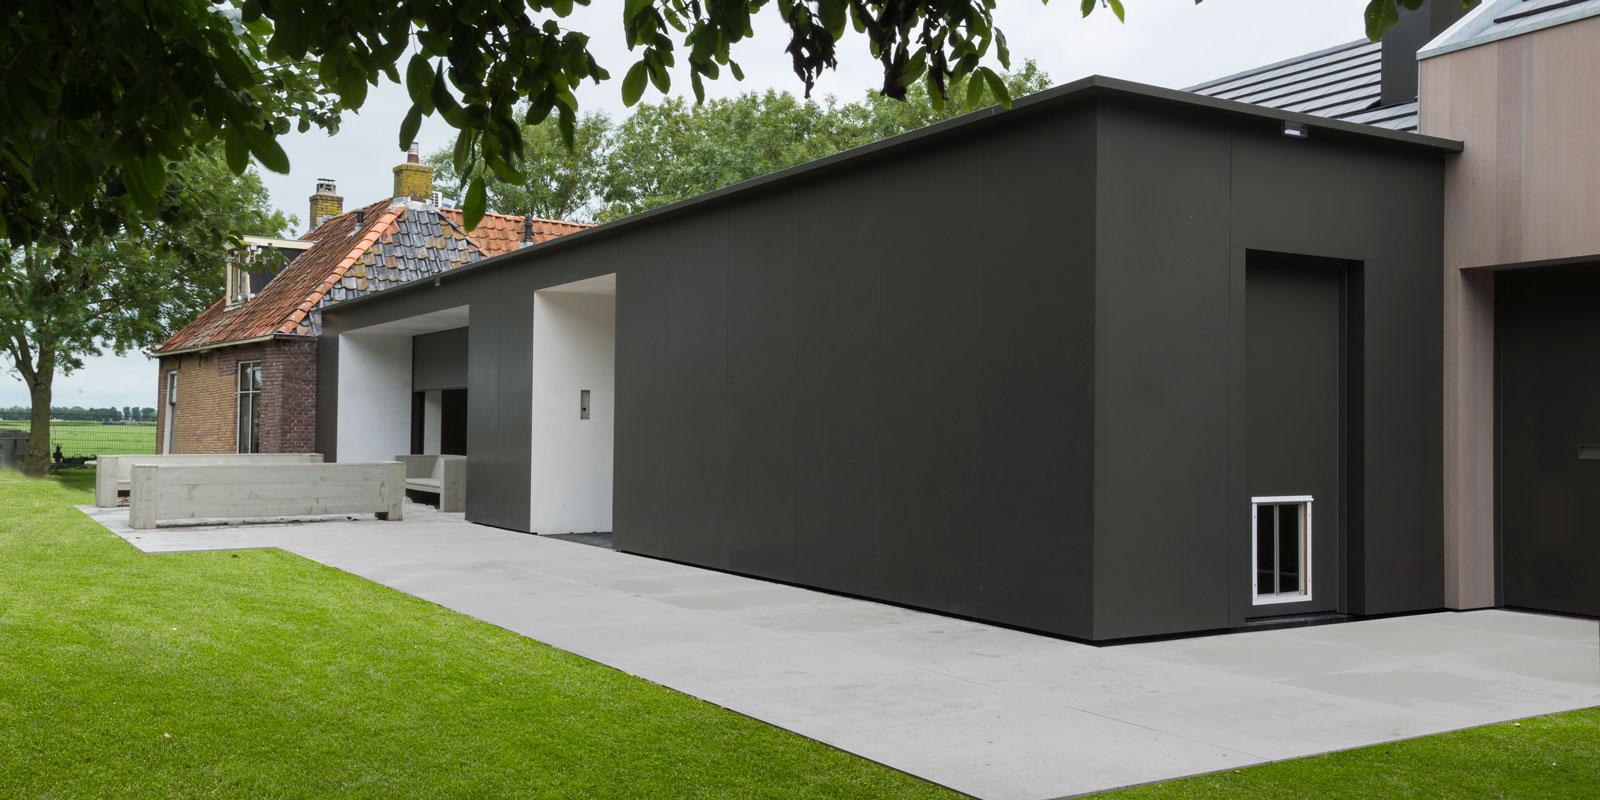 Moderne uitbouw | Lautenbag Architectuur